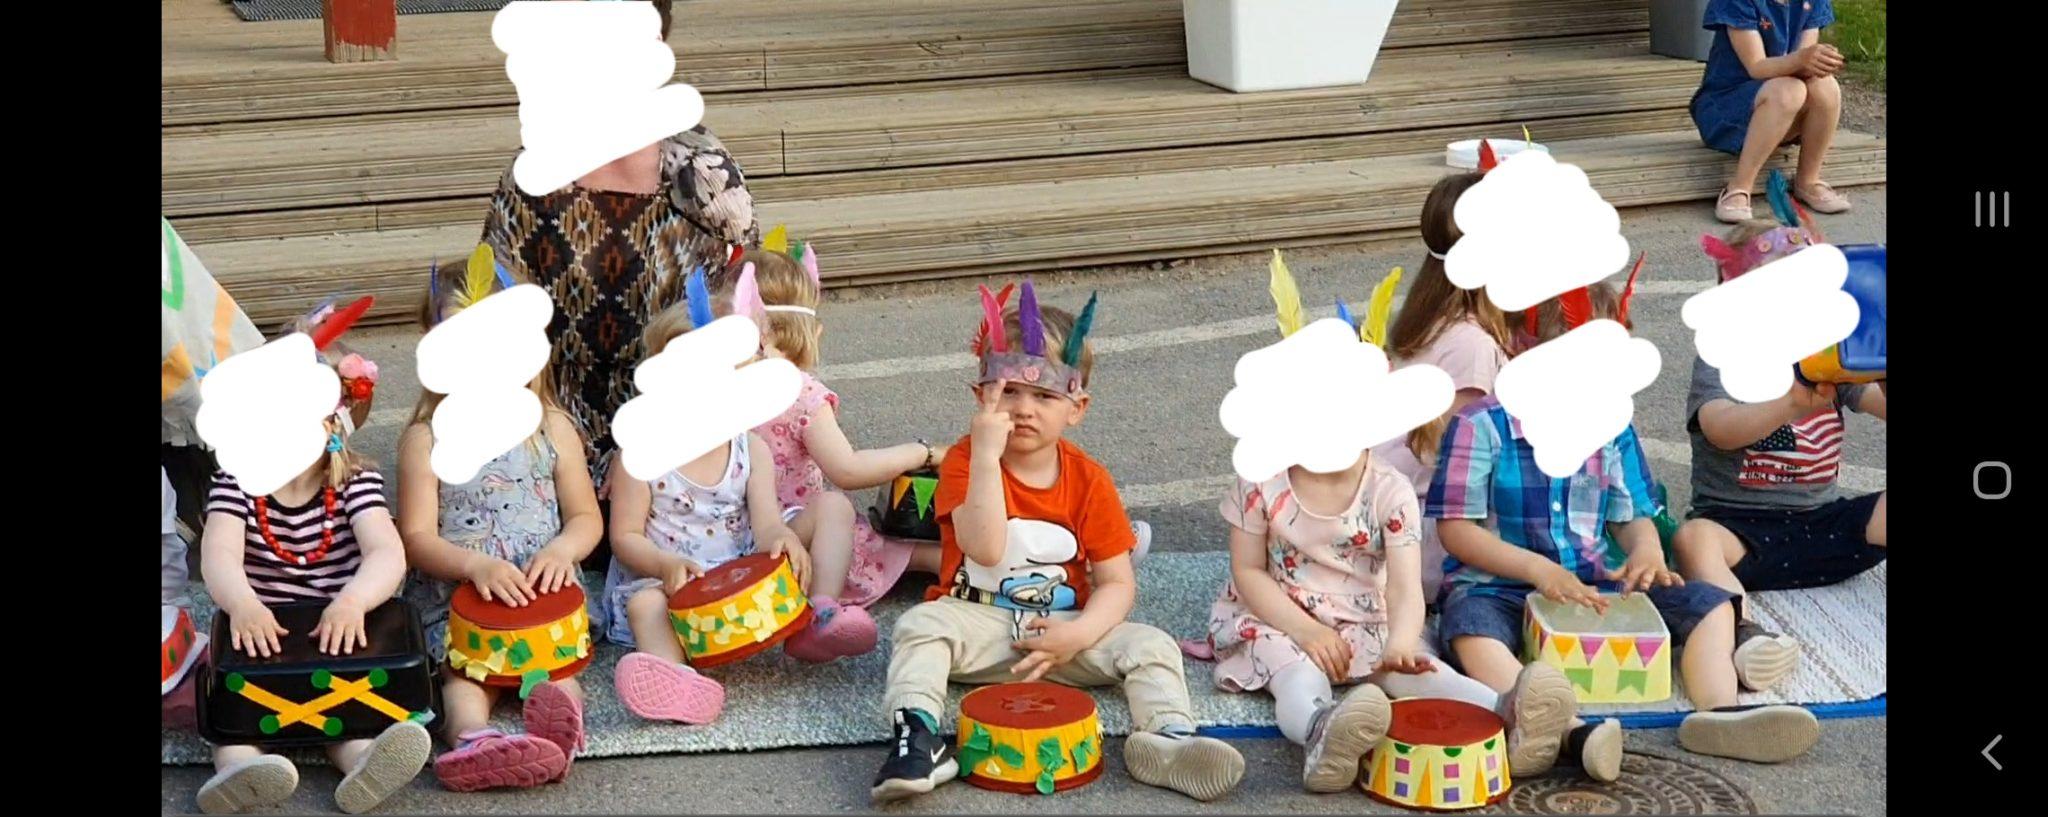 kevätjuhla lapsi